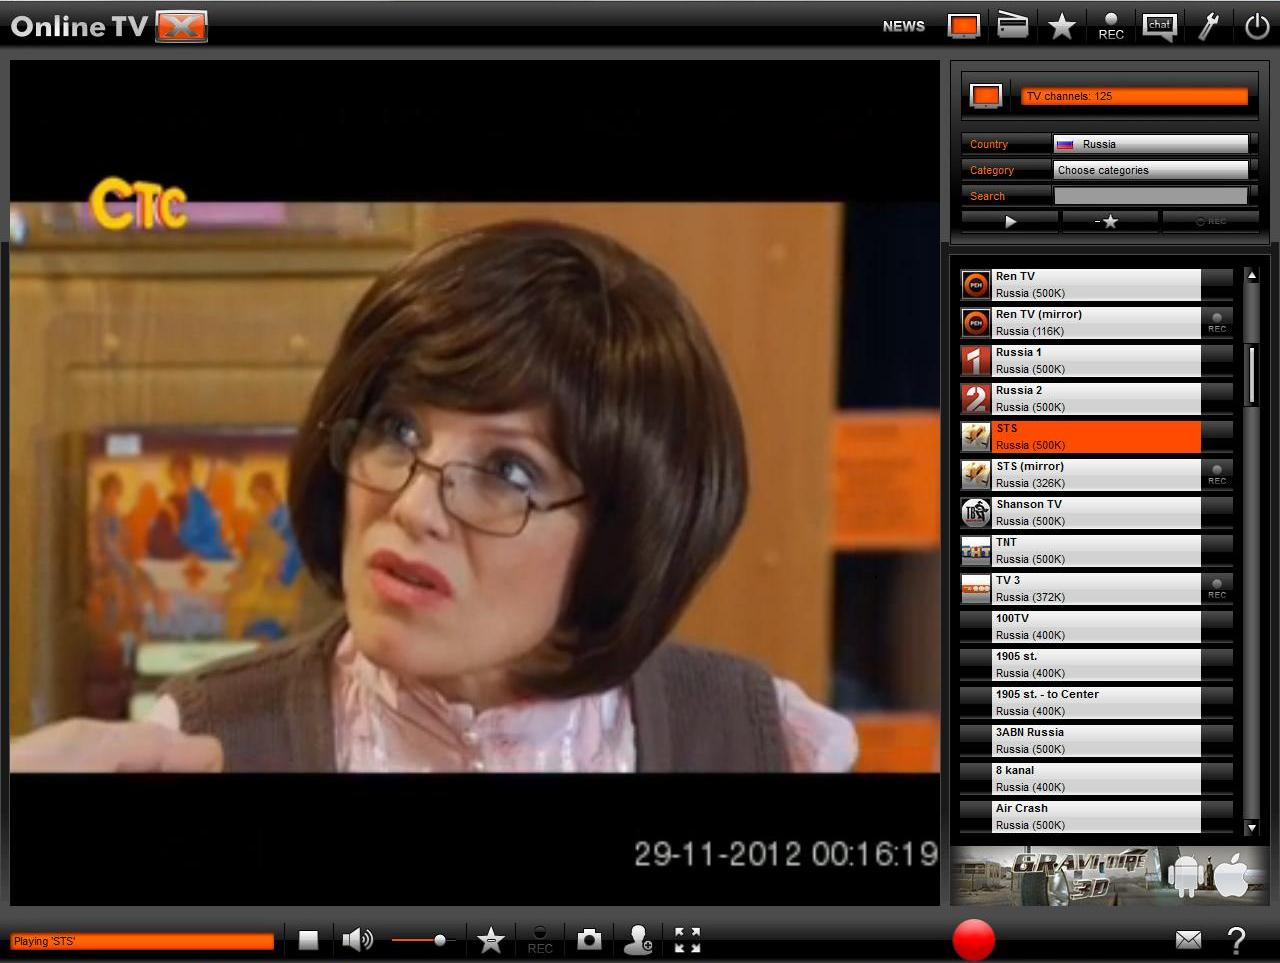 Смотреть онлайн телеканал tvx 1 фотография